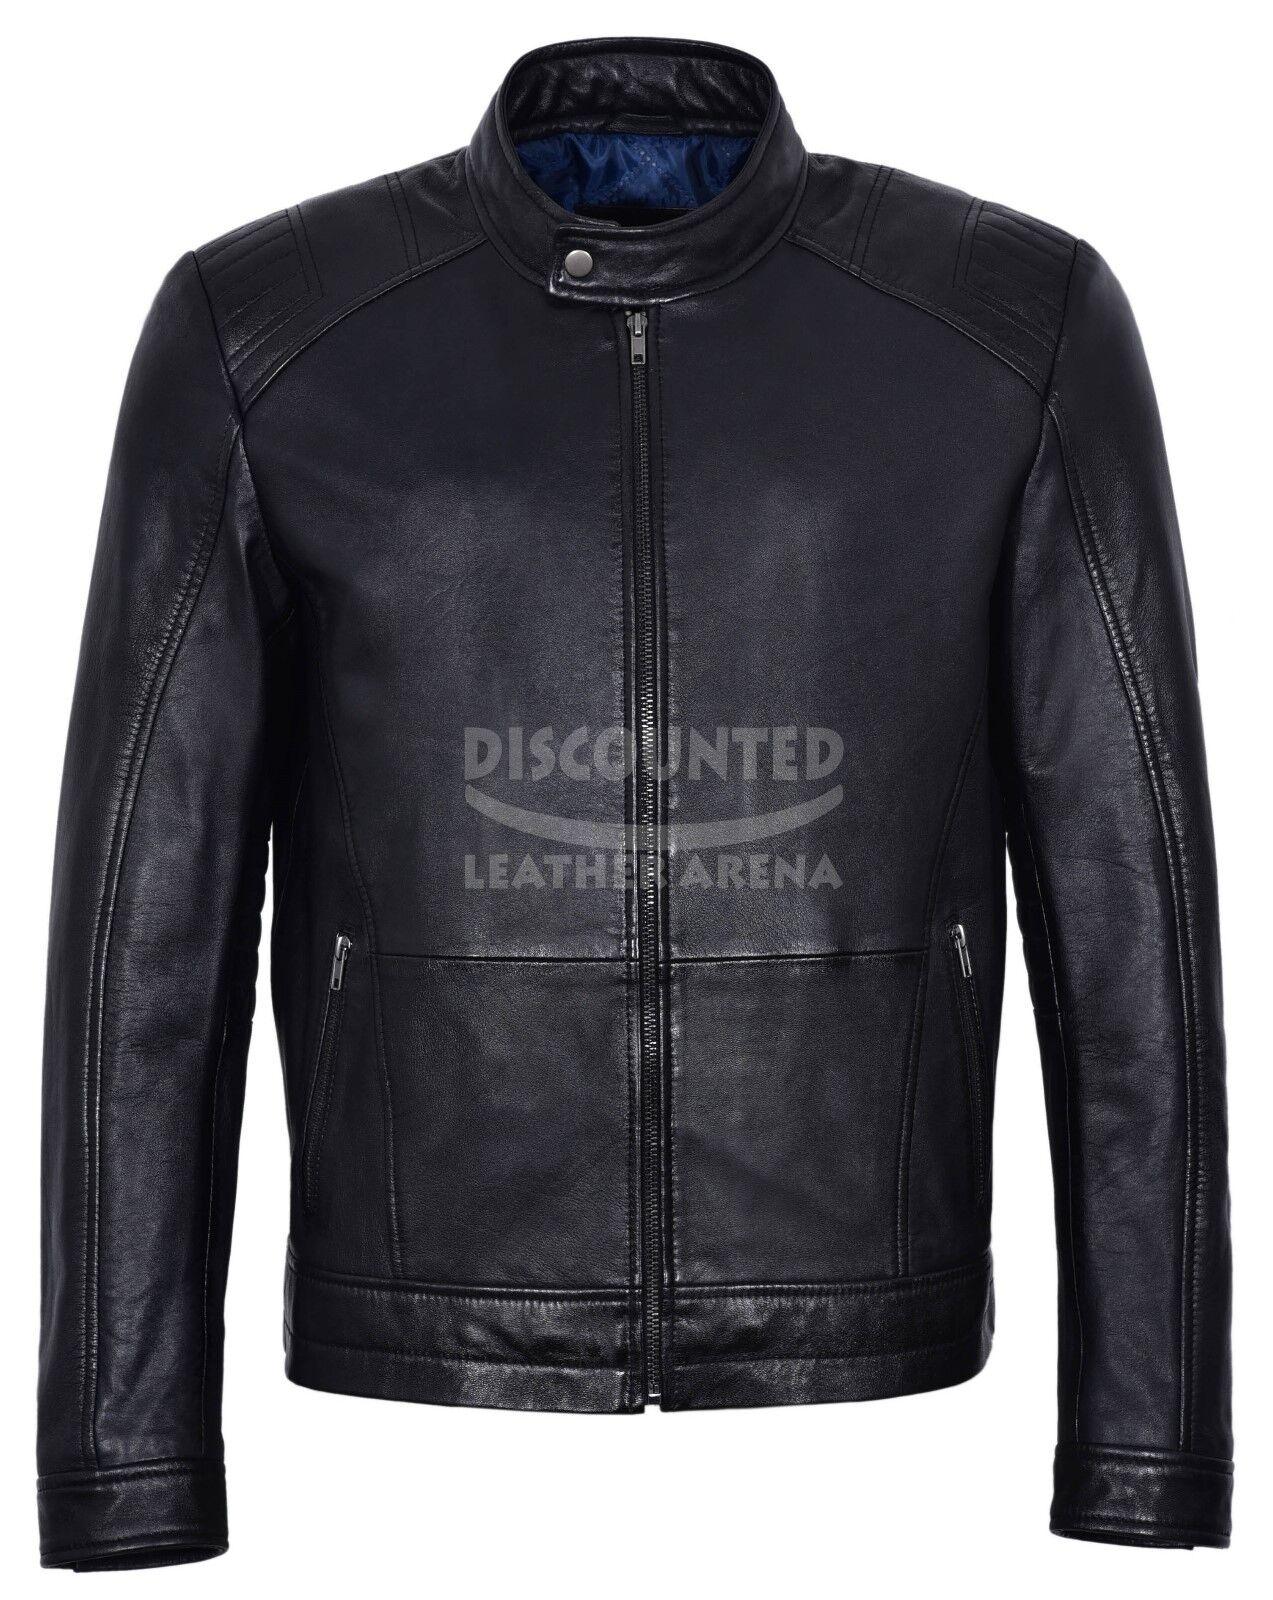 Para hombres informal cuero chaqueta chaqueta de motociclista de  moda Negro Deportes Classic Series 4154  artículos novedosos